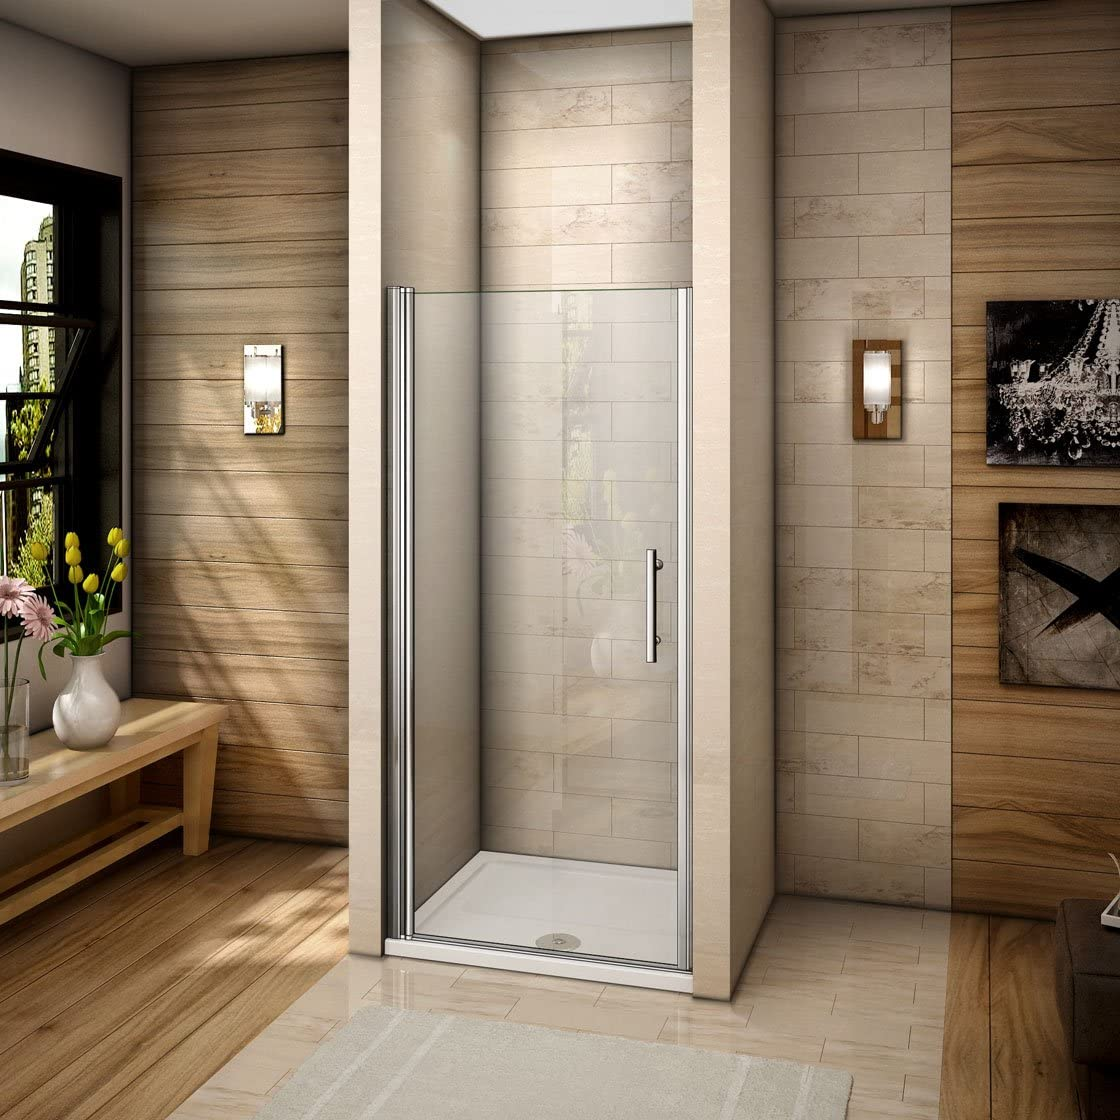 Mamparas de ducha pantalla baño 6mm Easyclean vidrio 100x195cm: Amazon.es: Bricolaje y herramientas